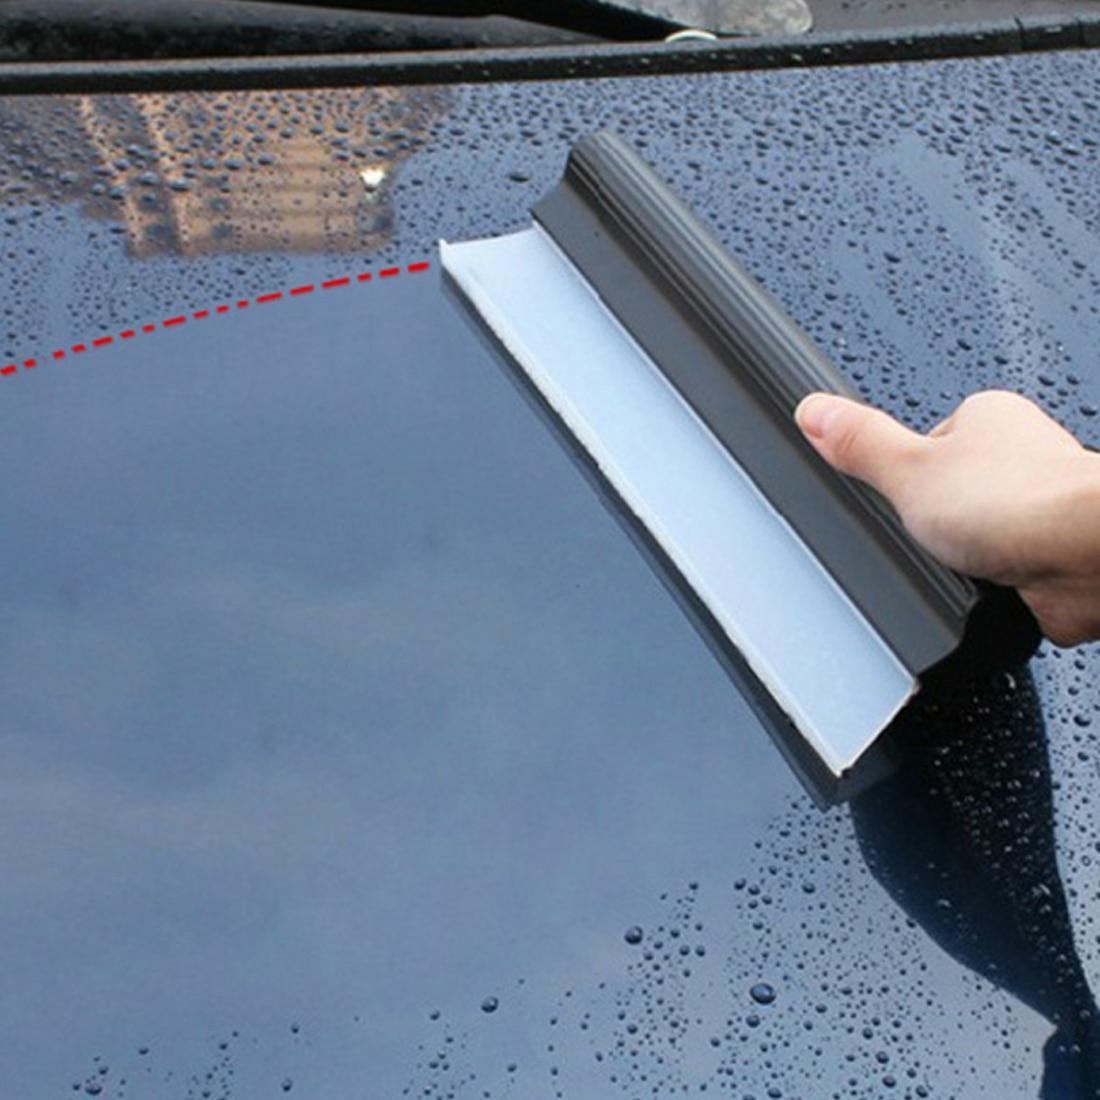 Bu bauty szyby czyste szybkie/szybkie łatwe połysk samochodów Auto suszenie wycieraczki wycieraczki czyszczenie Cleaner szklane okno szczotka T kształtwindow bladecleaner windshieldglass windshield -